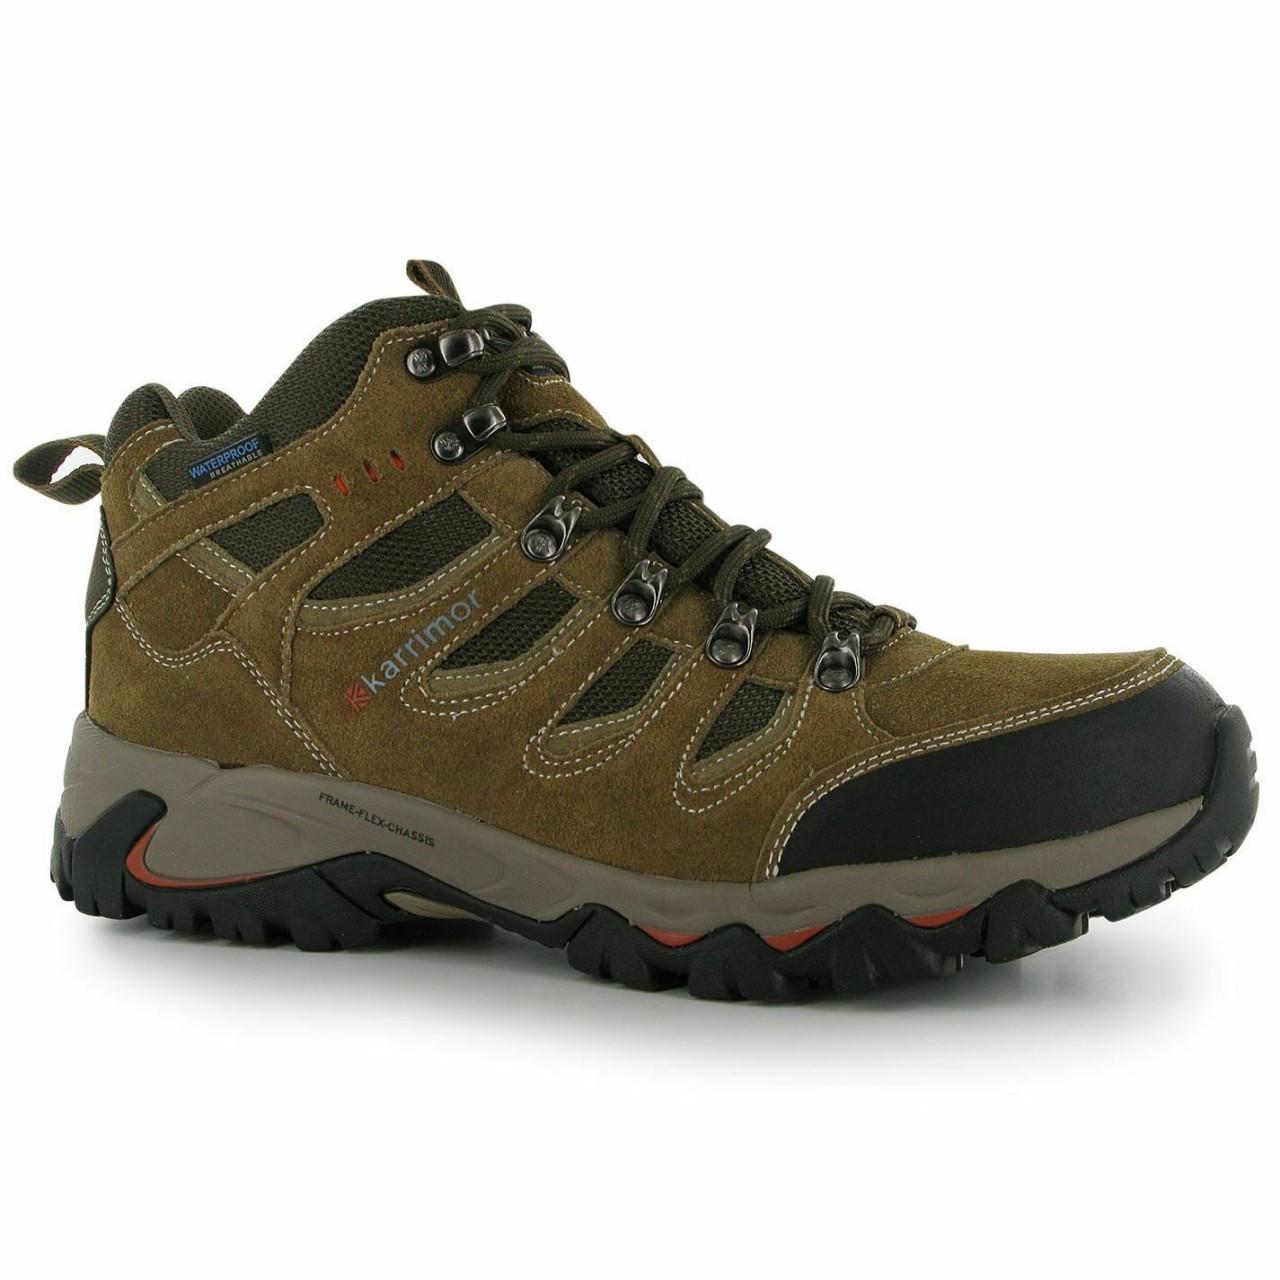 Трекинговые ботинки Karrimor Mount MID TAUPE